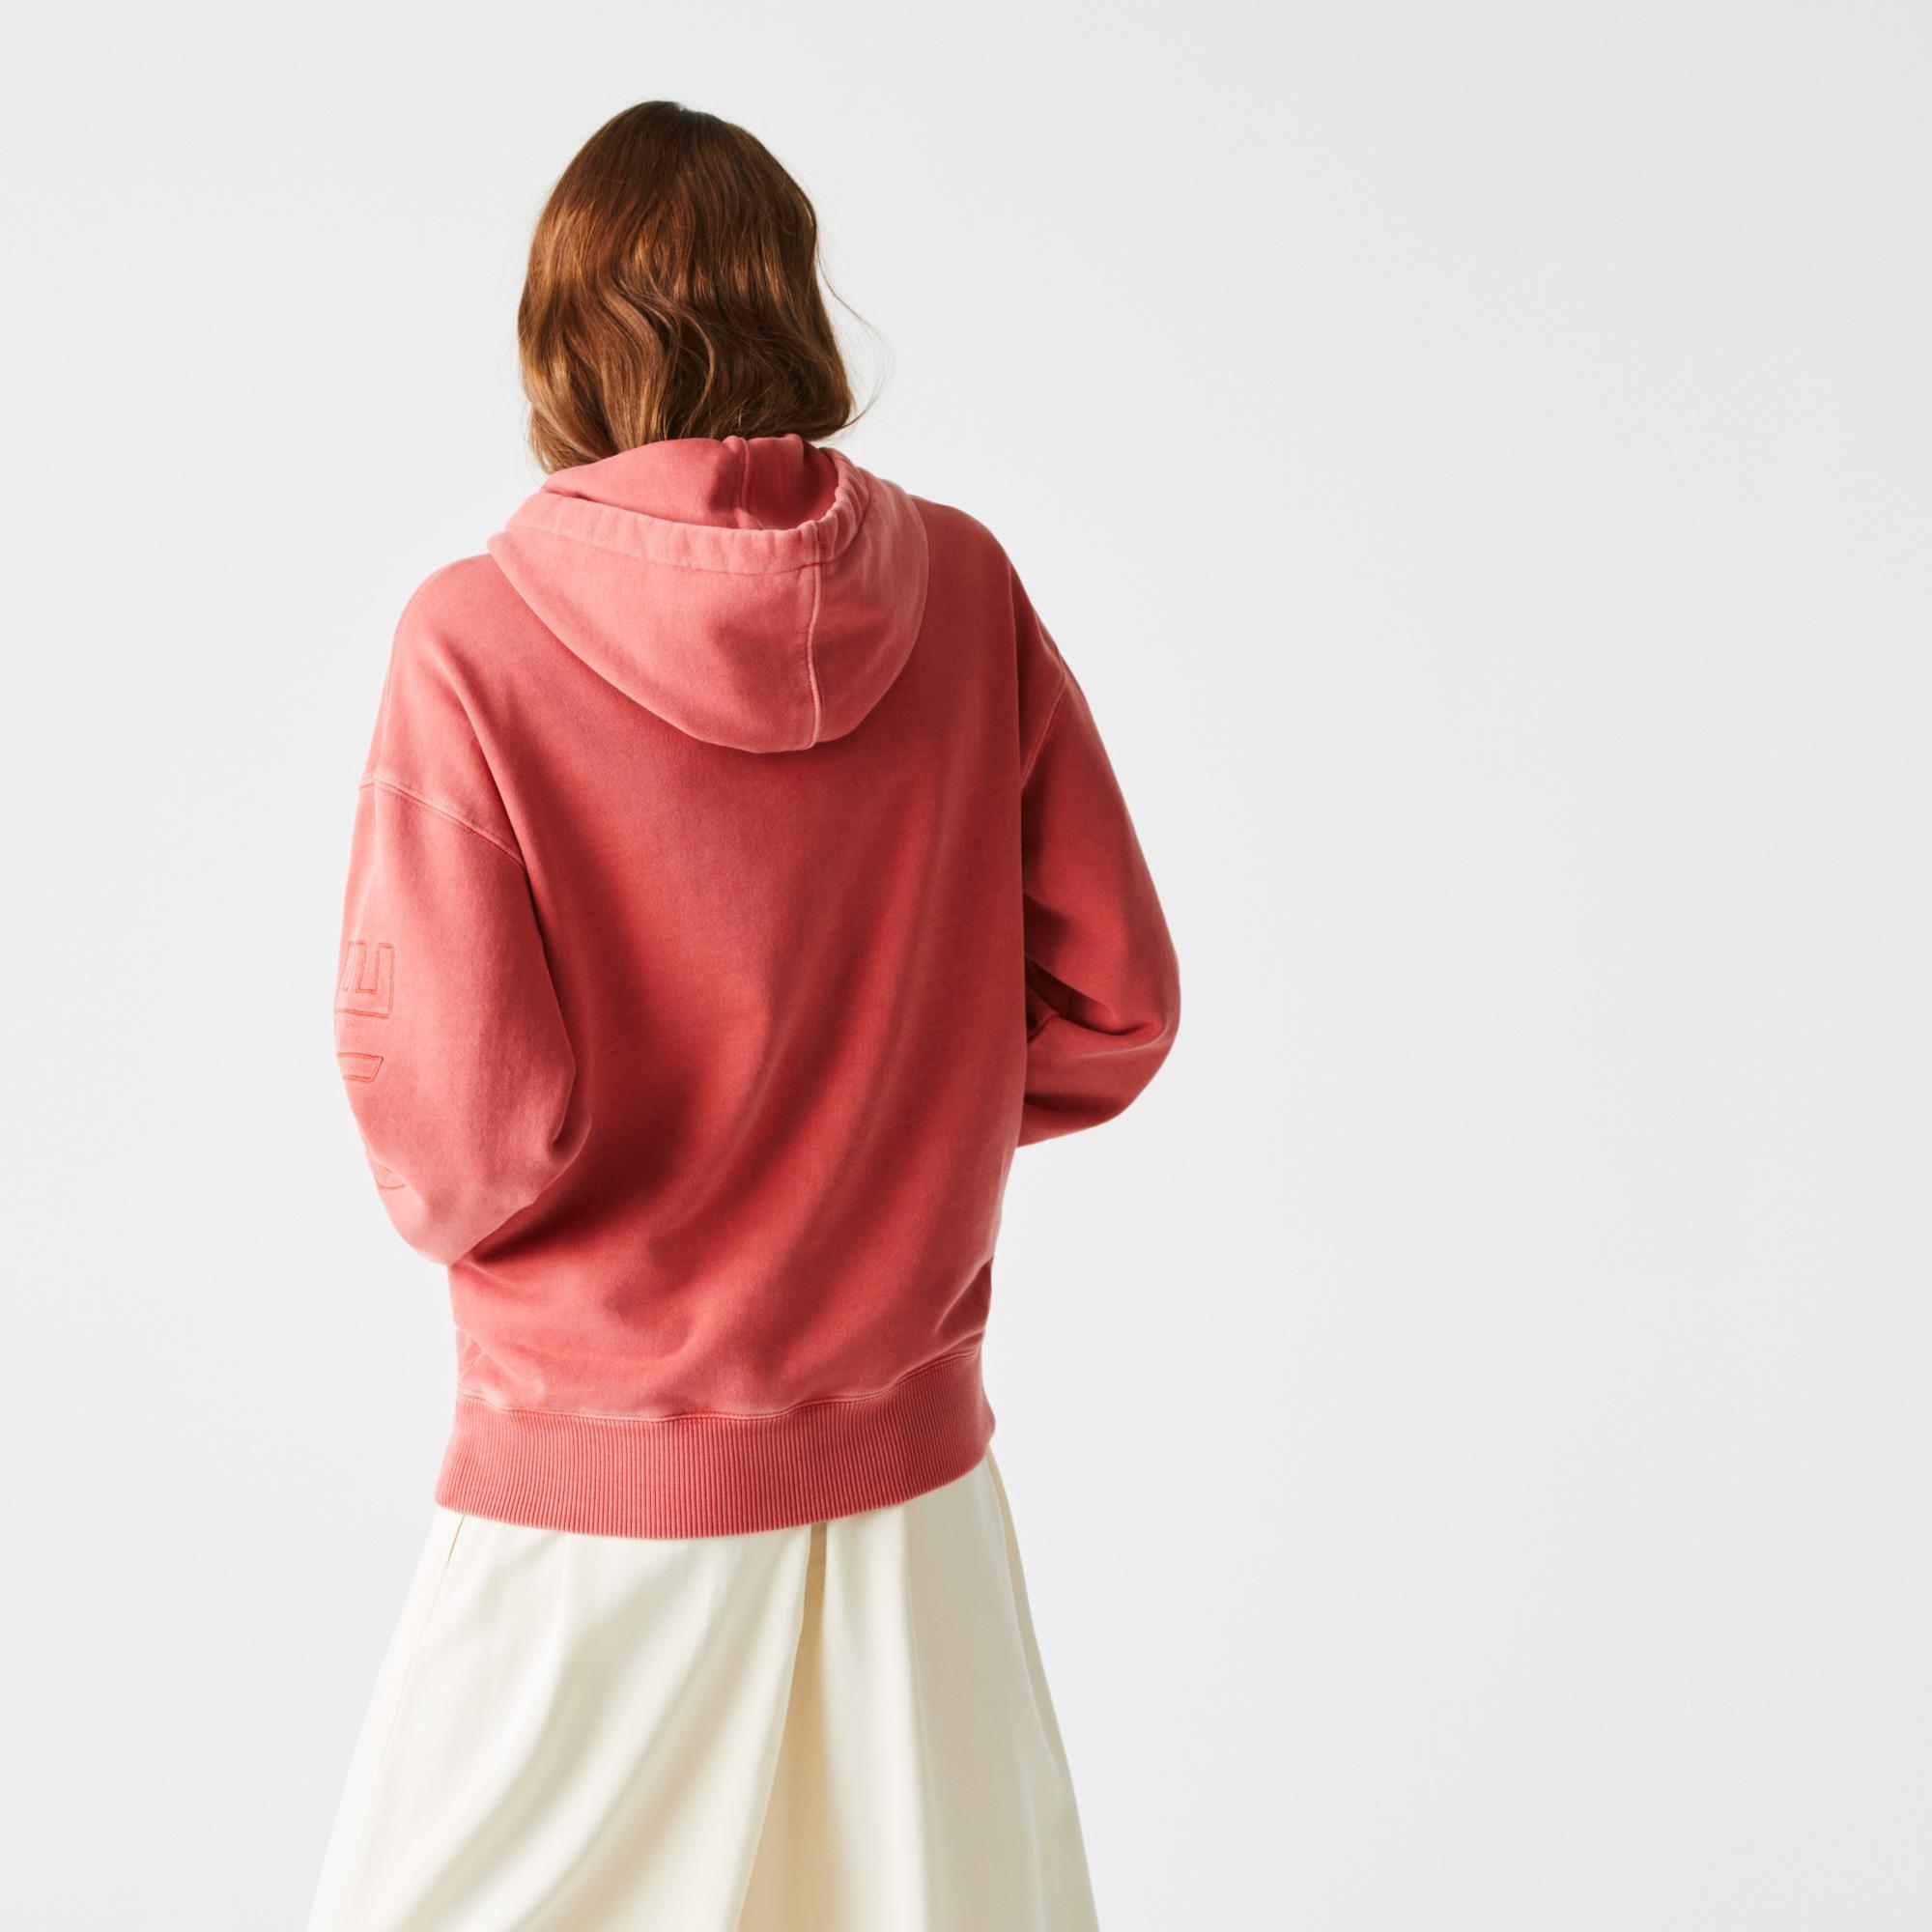 Lacoste L!VE Unisex Loose Fit Sweatshirt